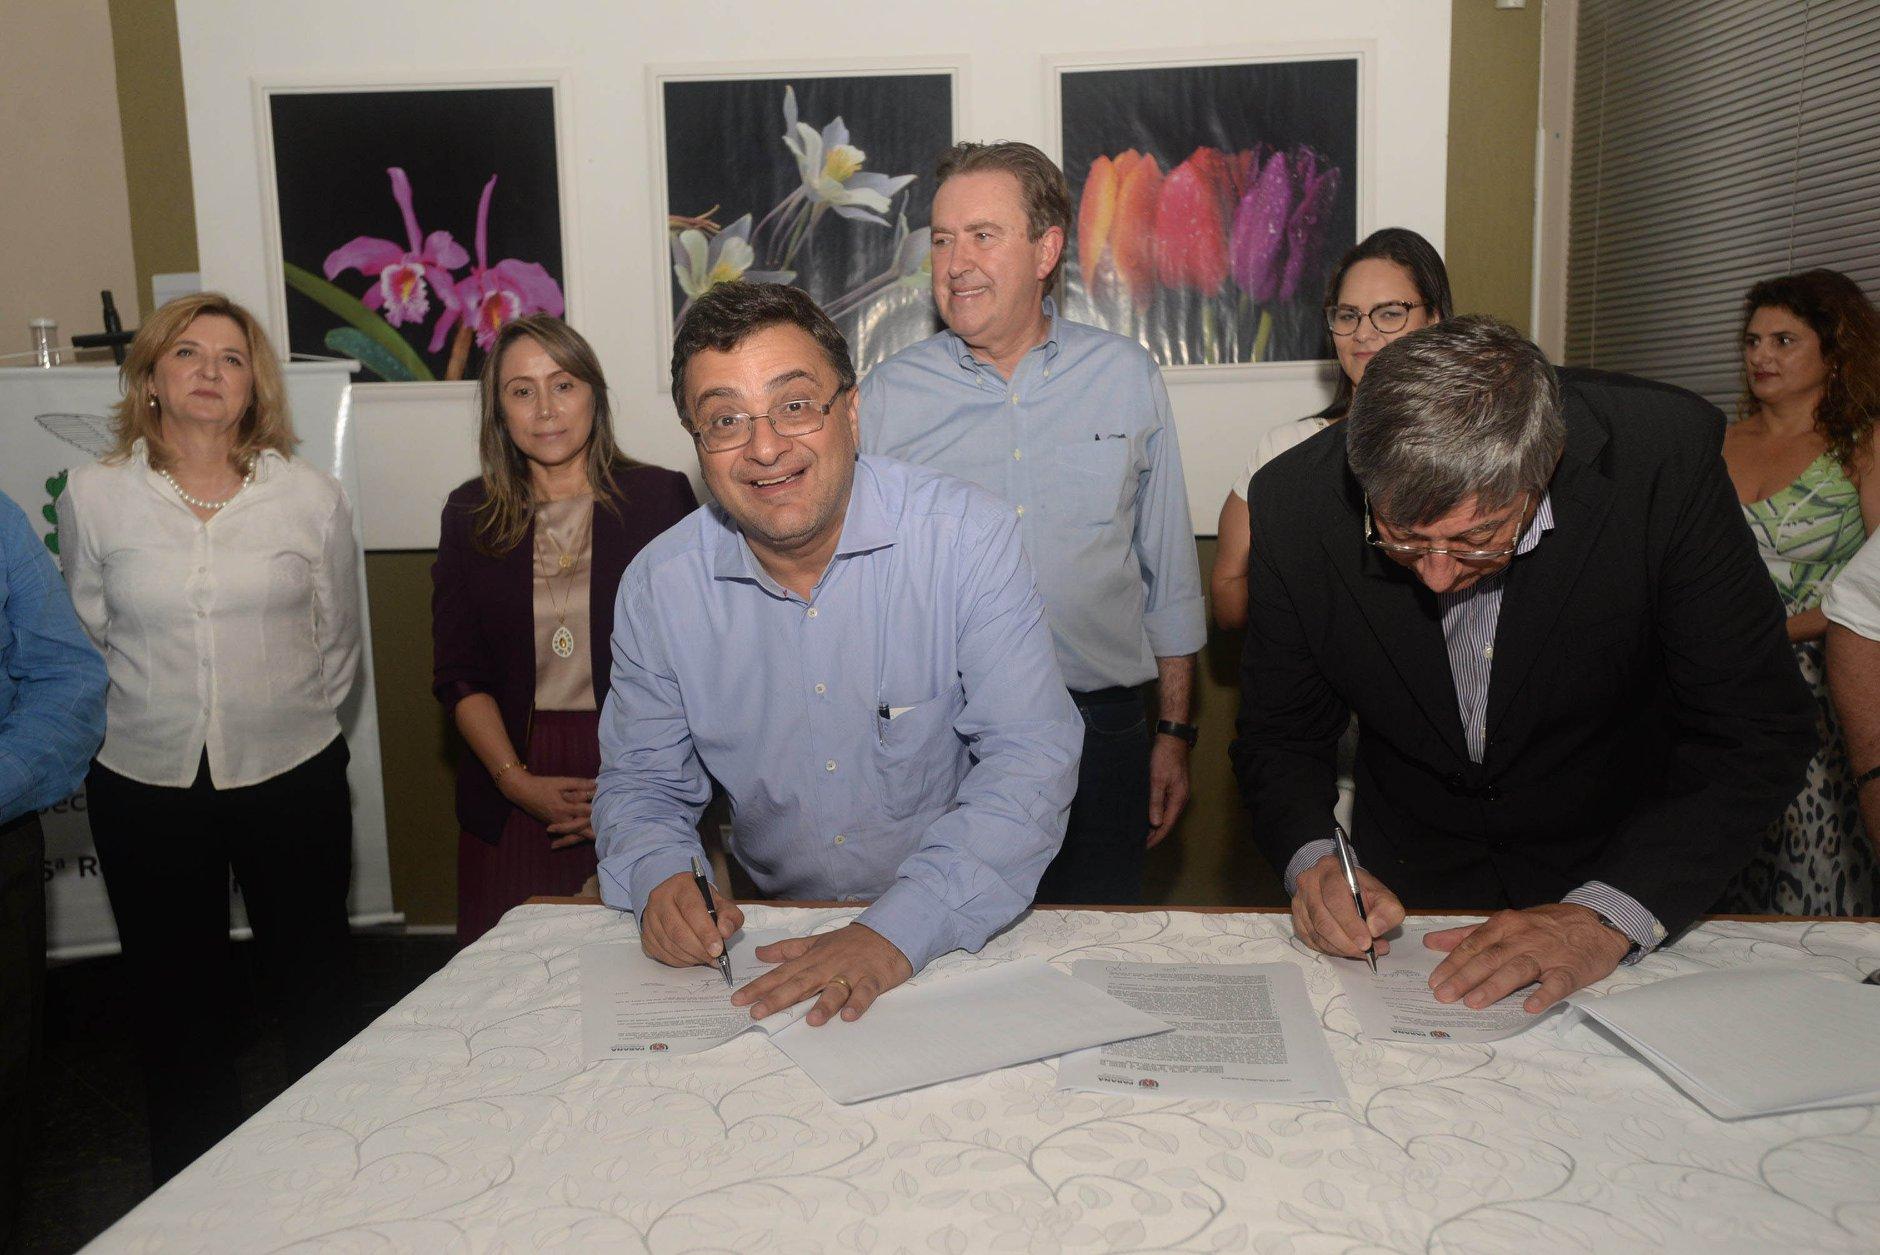 Michele Caputo garante R$ 20 milhões para construção do Pronto Socorro do hospital de Arapongas